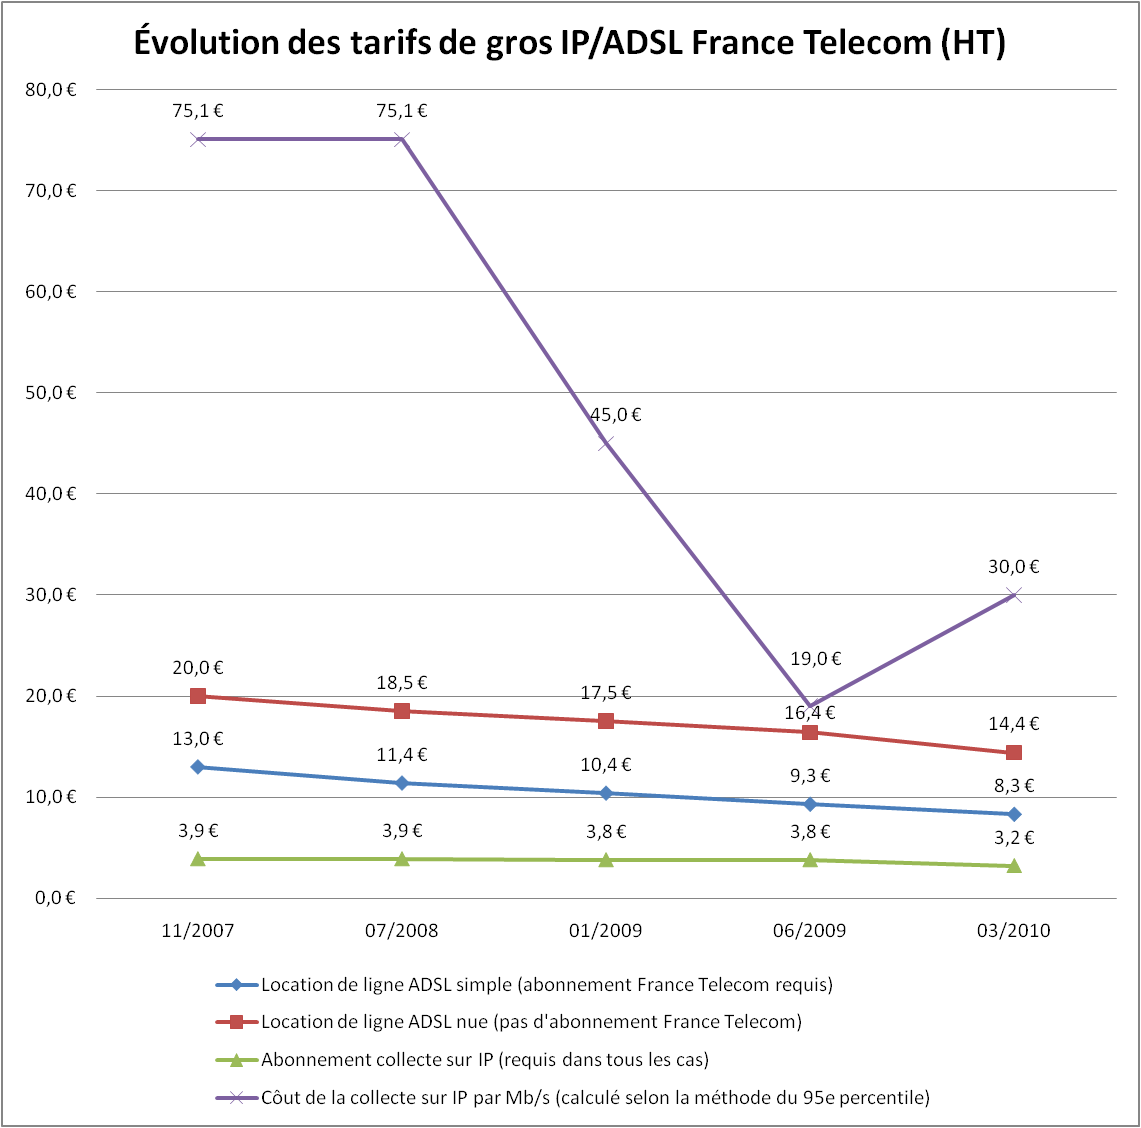 Adsl non d group tarifs en hausse malgr la chute des prix de gros silicon - Cout raccordement france telecom maison neuve ...